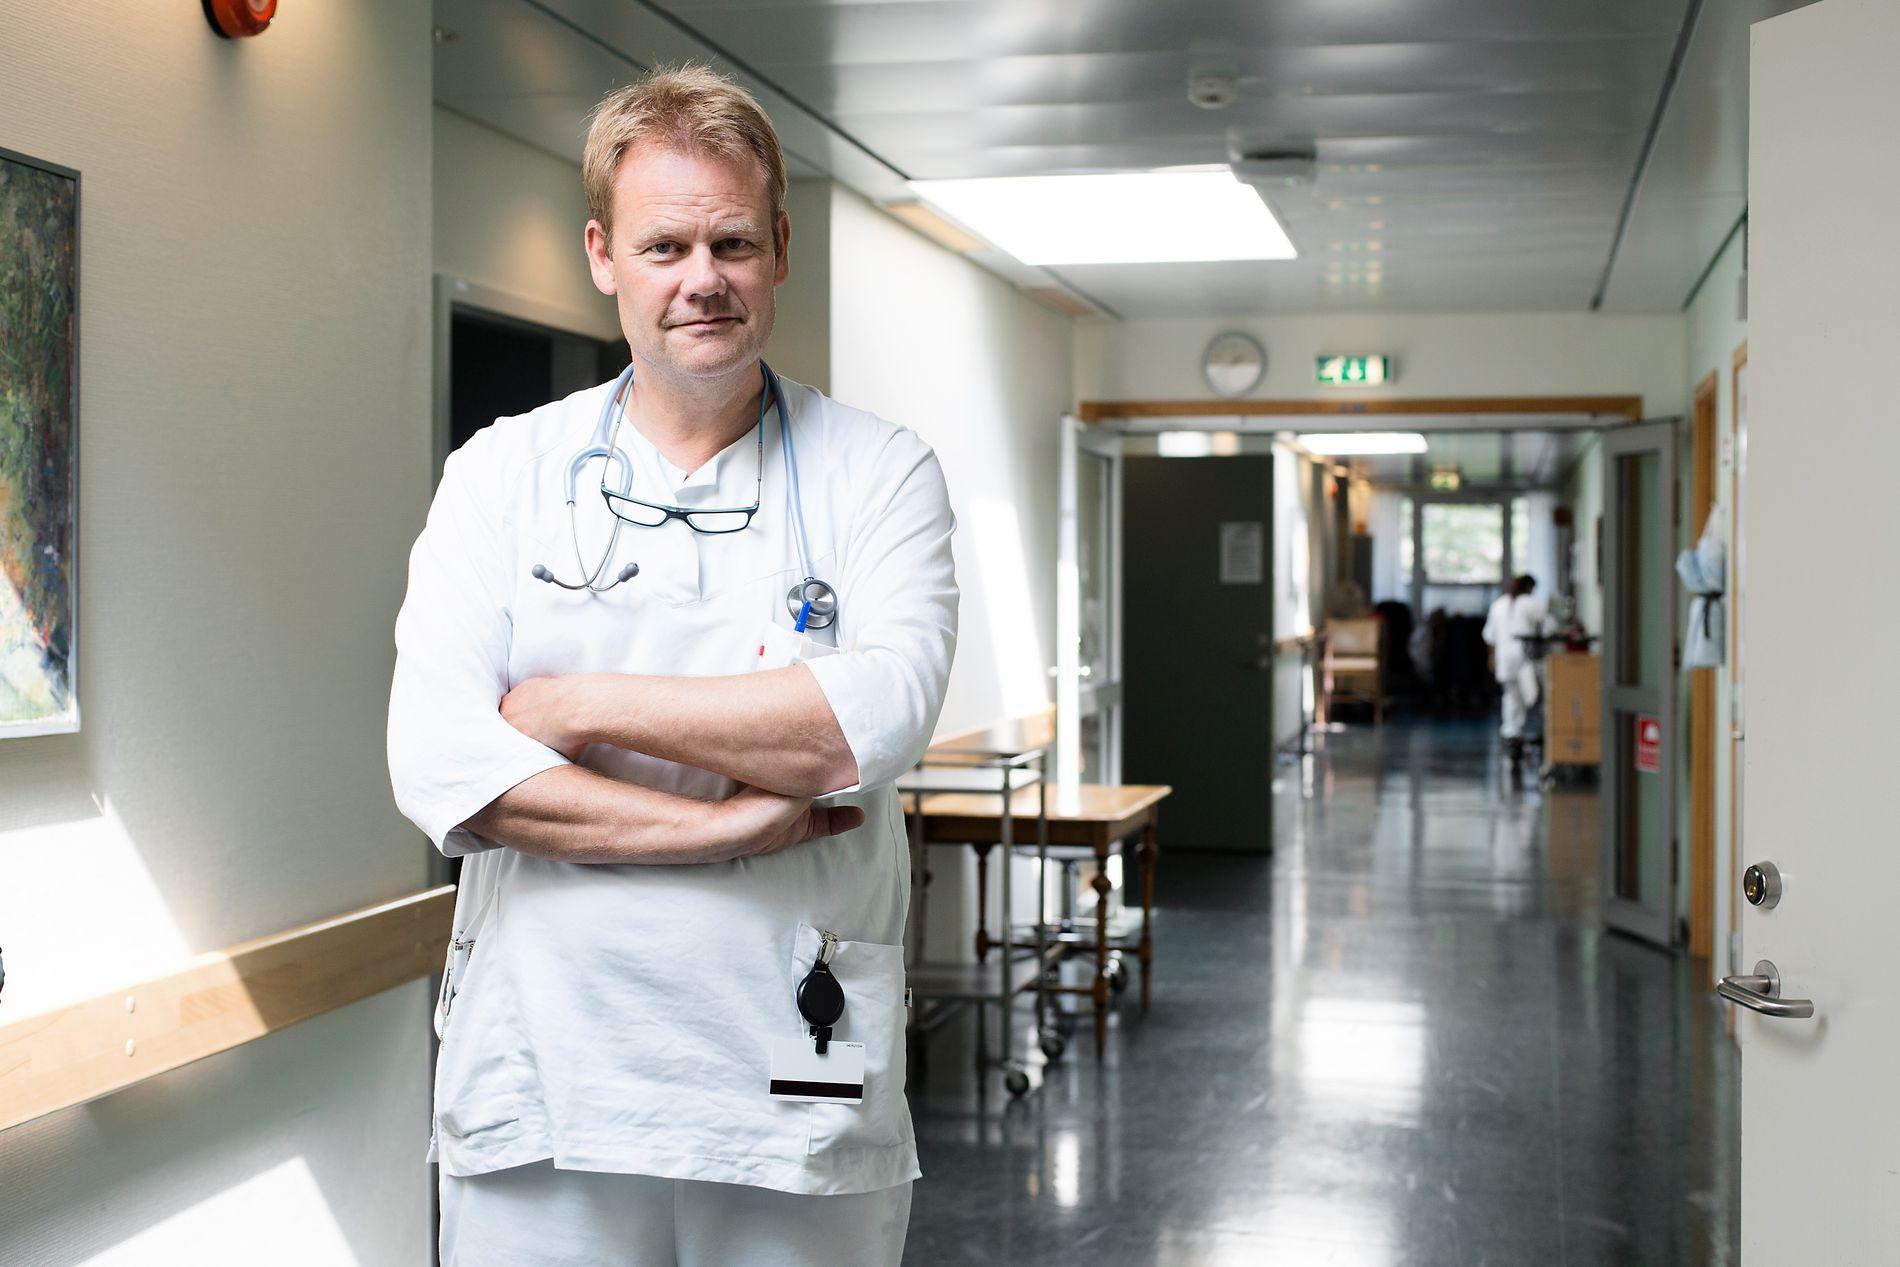 FORDELER: Som et mellomstort lokalsykehus med egen slagpost siden 1996 har Haraldsplass en rekke fordeler i ivaretagelsen av pasientene, skriver seksjonsoverlege for slag og geriatri på Haraldsplass, Paal Naalsund.